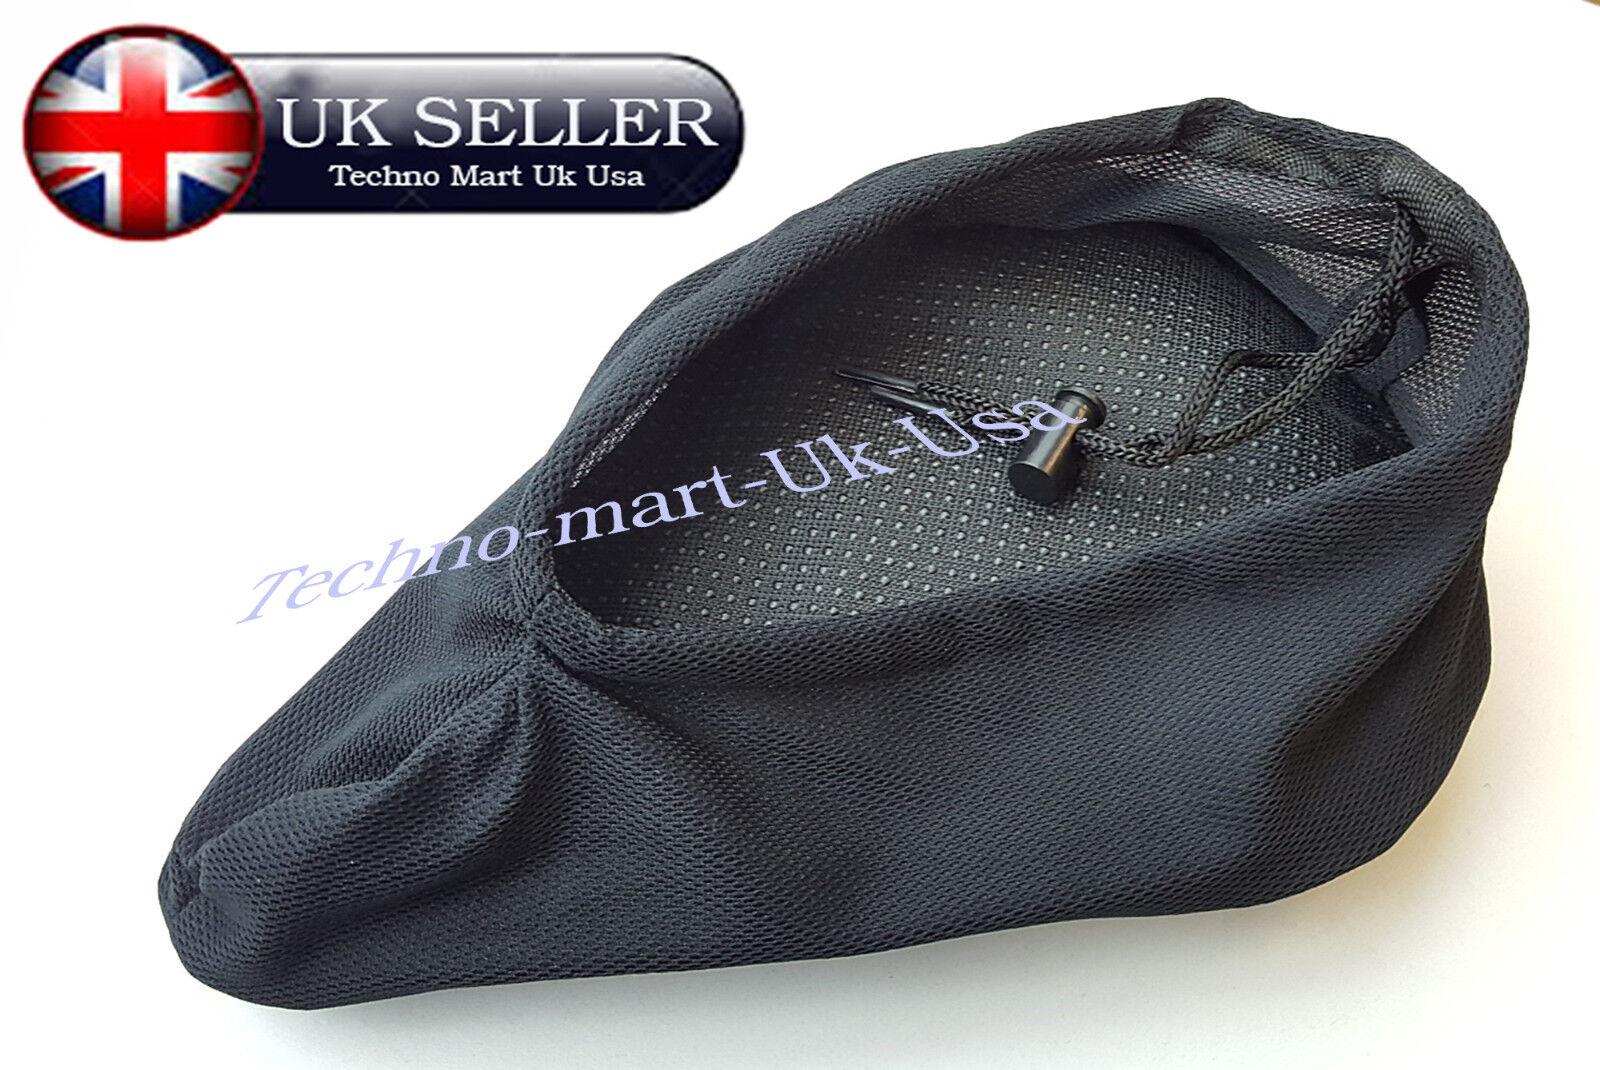 Qualité bicycle cycle extra comfort gel pad housse de siège coussin pour siège de de selle confortable 2b7978